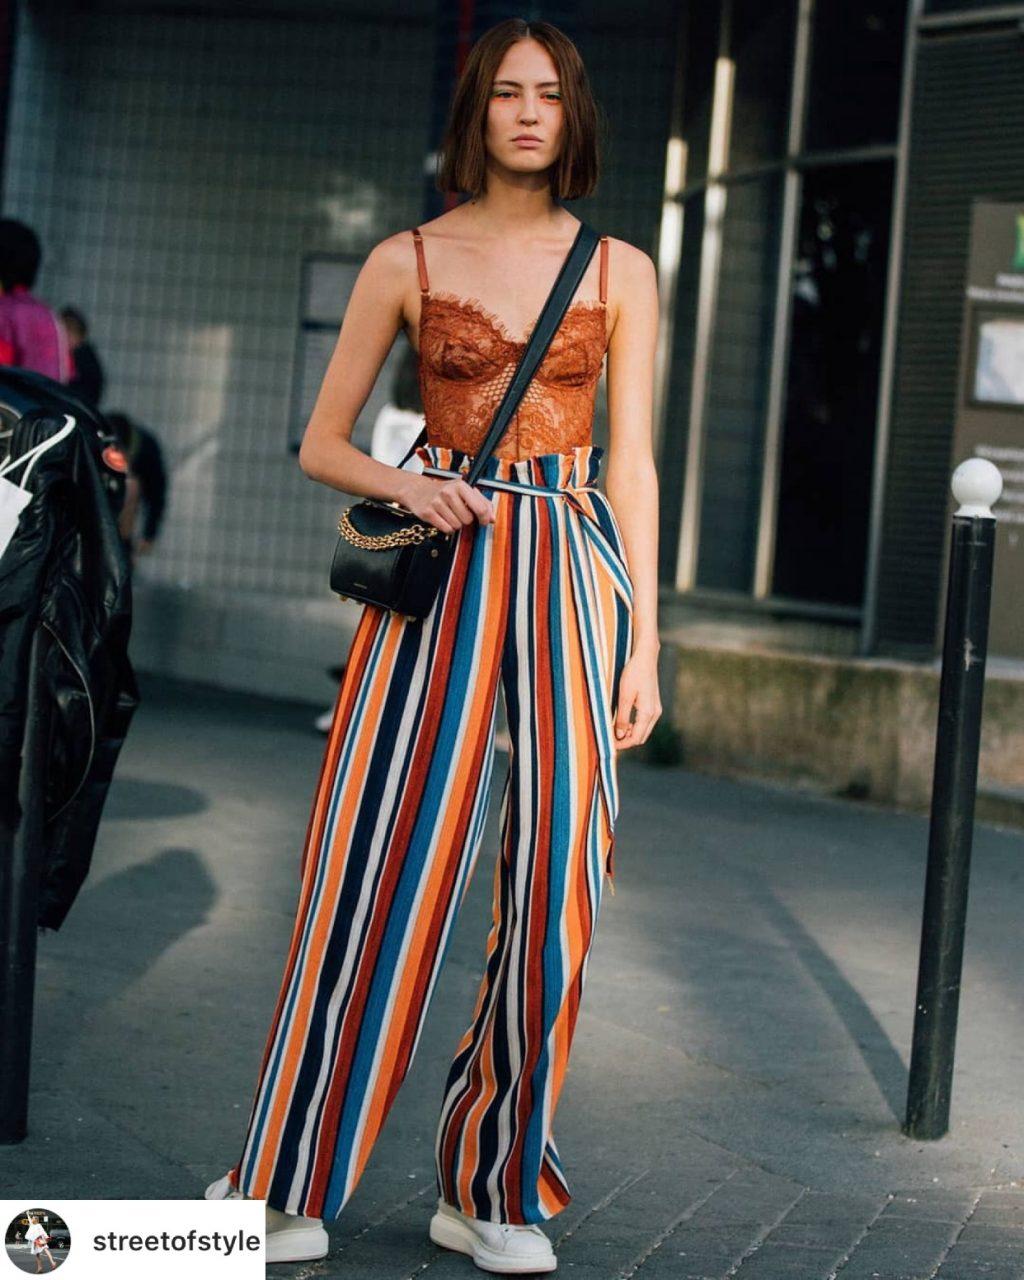 áo lót ren màu cam mặc cùng quần ống rộng kẻ sọc